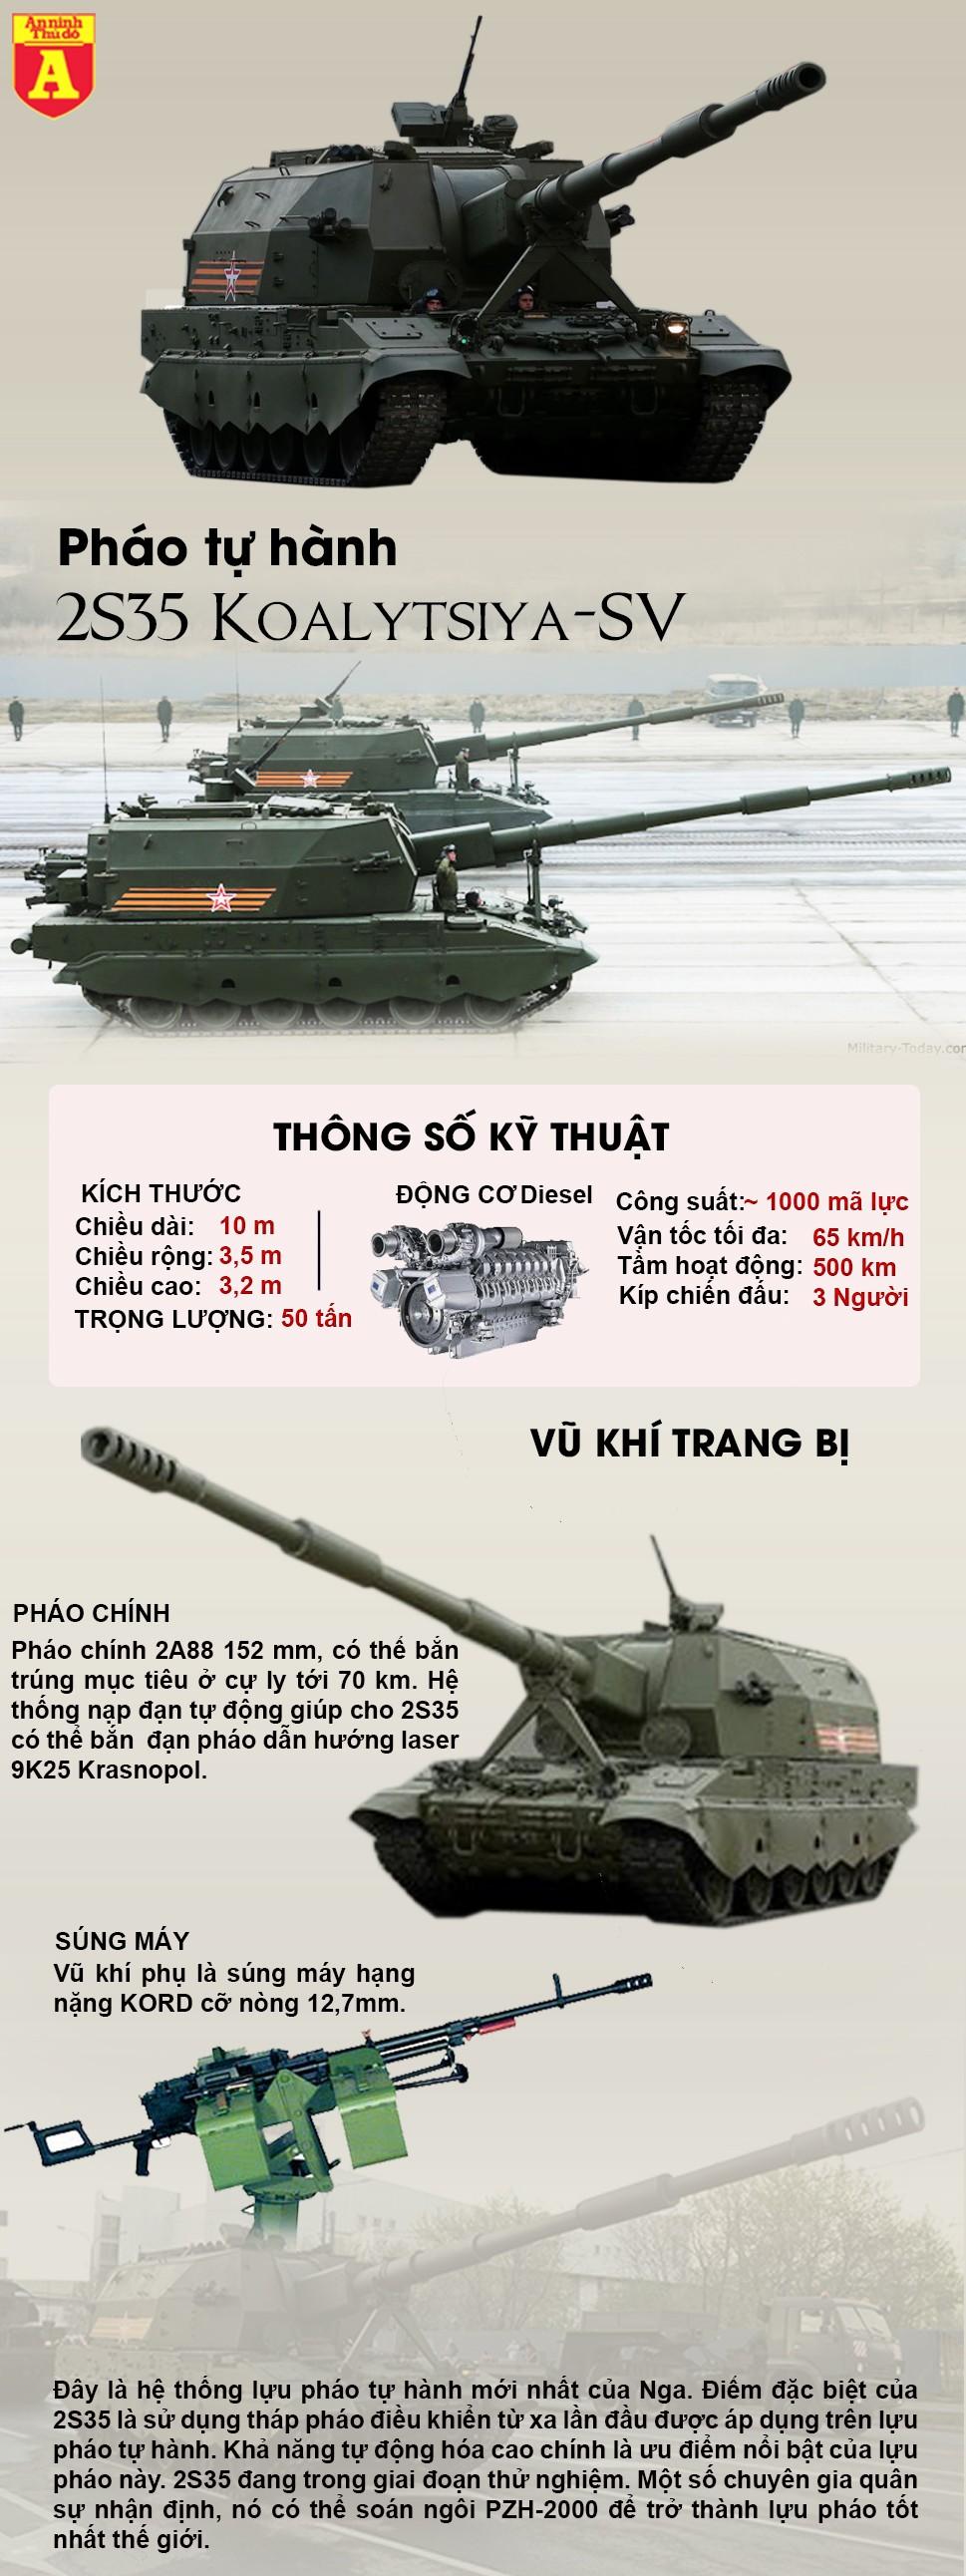 [Infographic] Siêu pháo tự hành 2S35 Nga đè bẹp sản phẩm NATO soán ngôi vua pháo binh thế giới ảnh 2